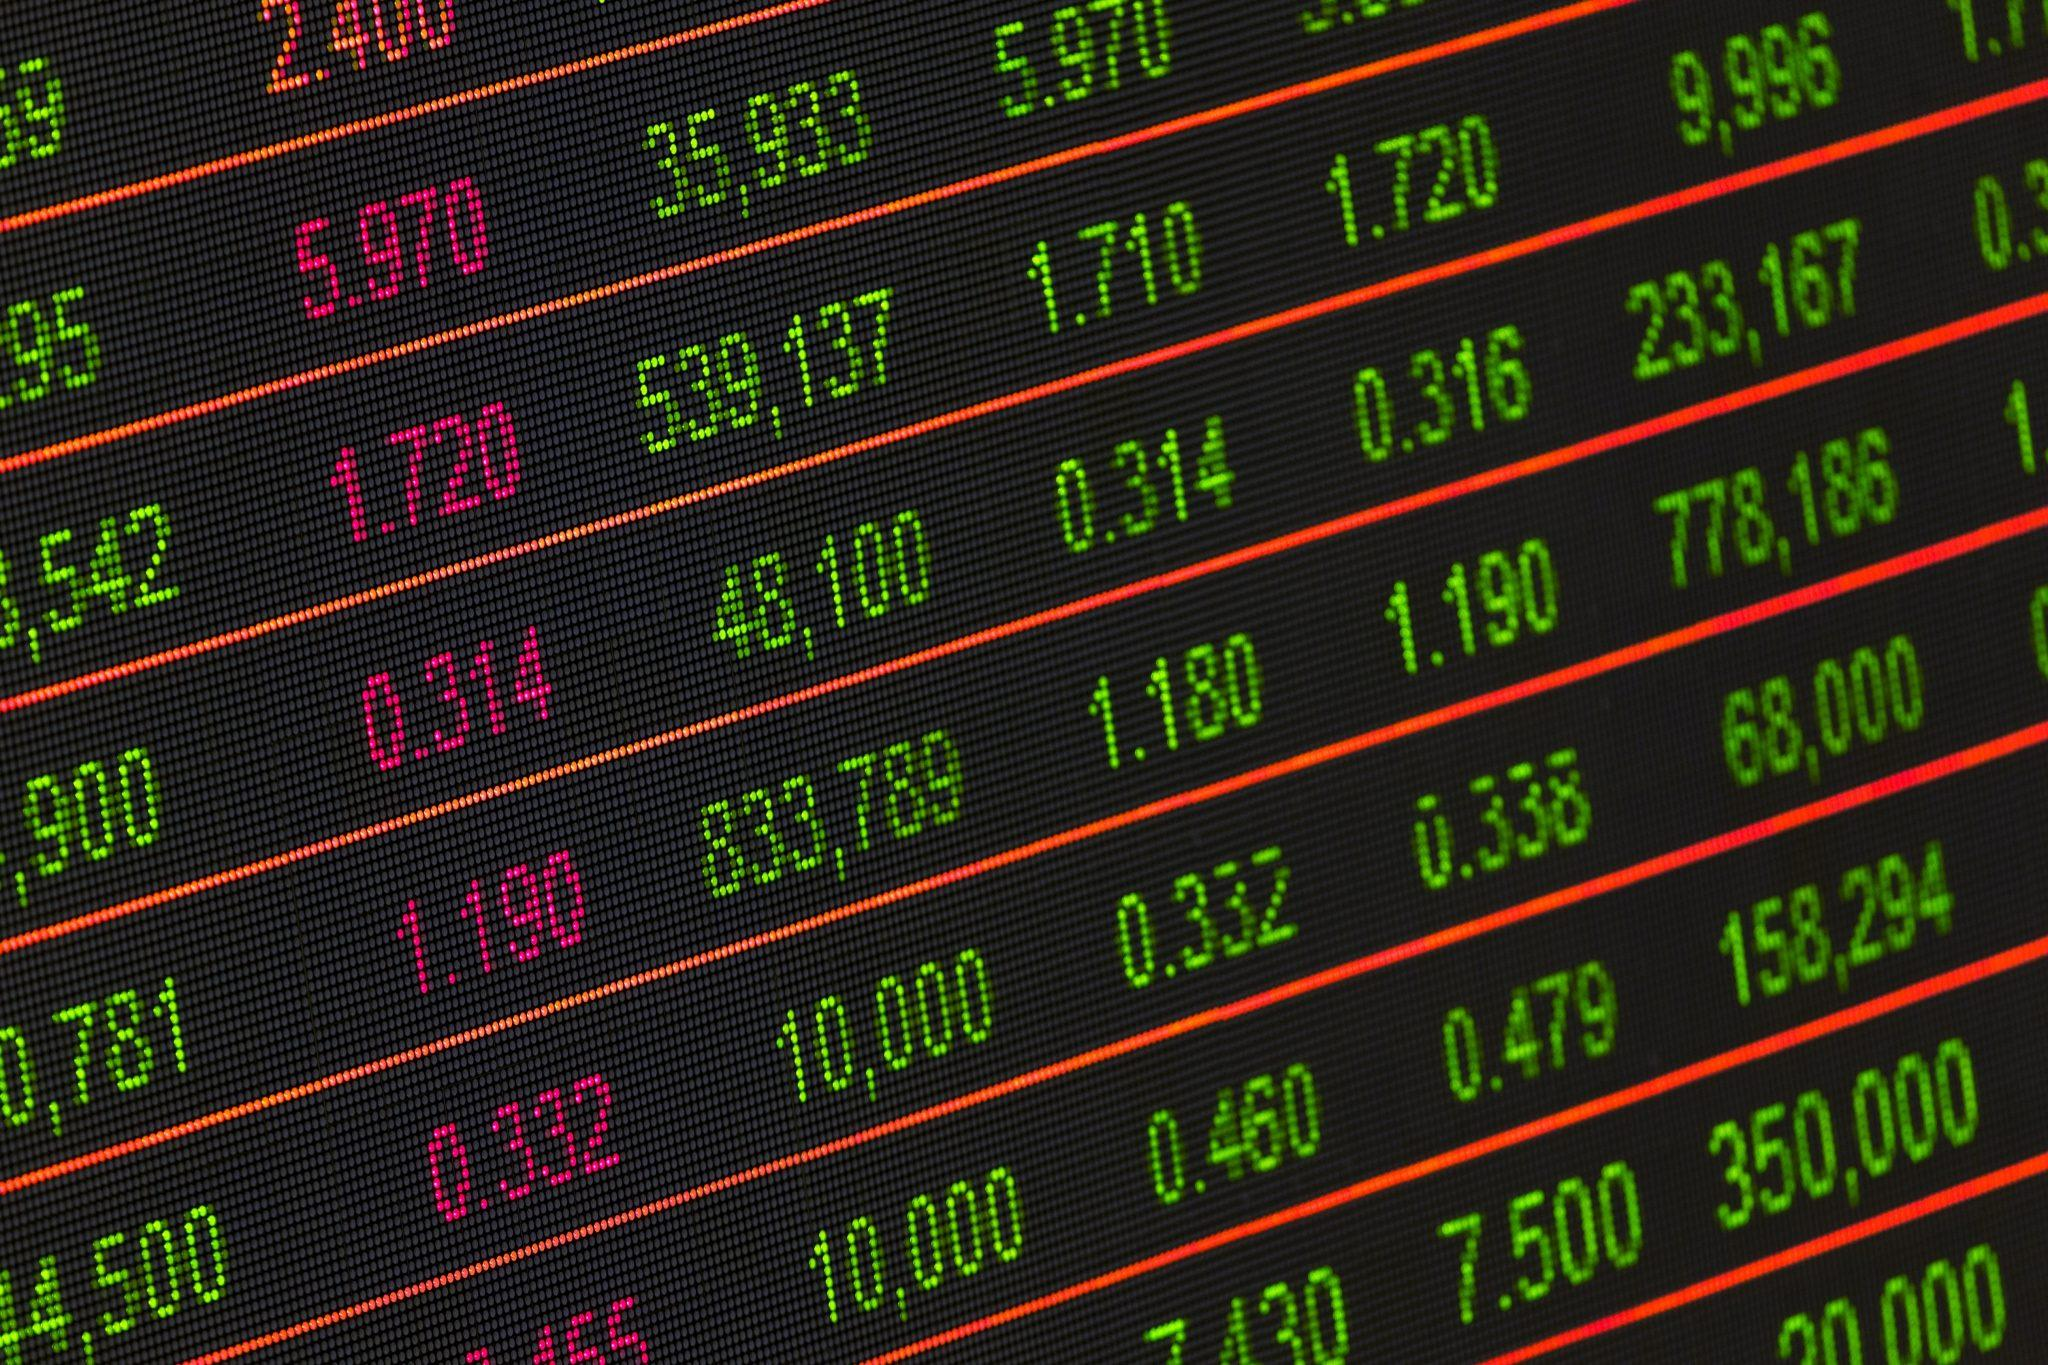 mi a hiper kereskedelem rbs bináris opciók kereskedési rendszere